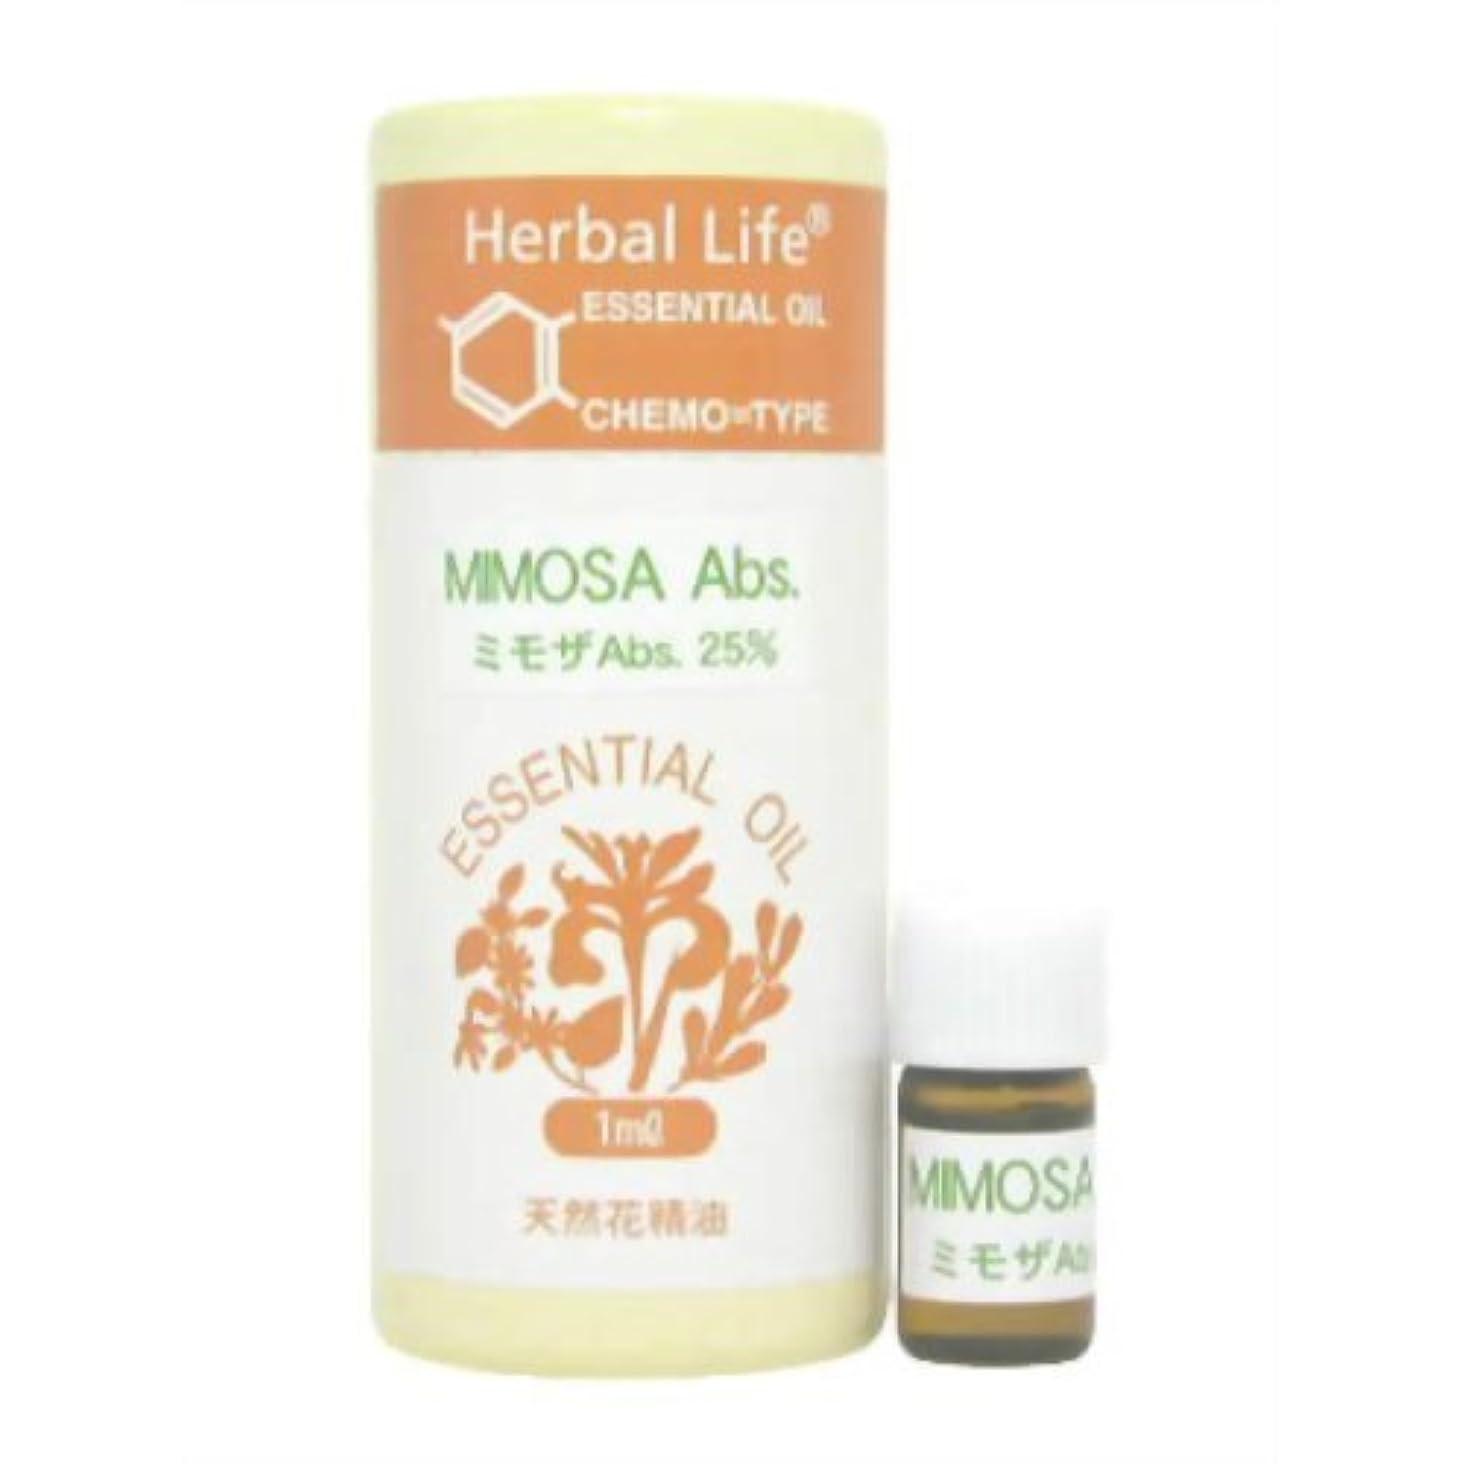 立法抽象荒野生活の木 Herbal Life ミモザAbs(25%希釈液) 1ml